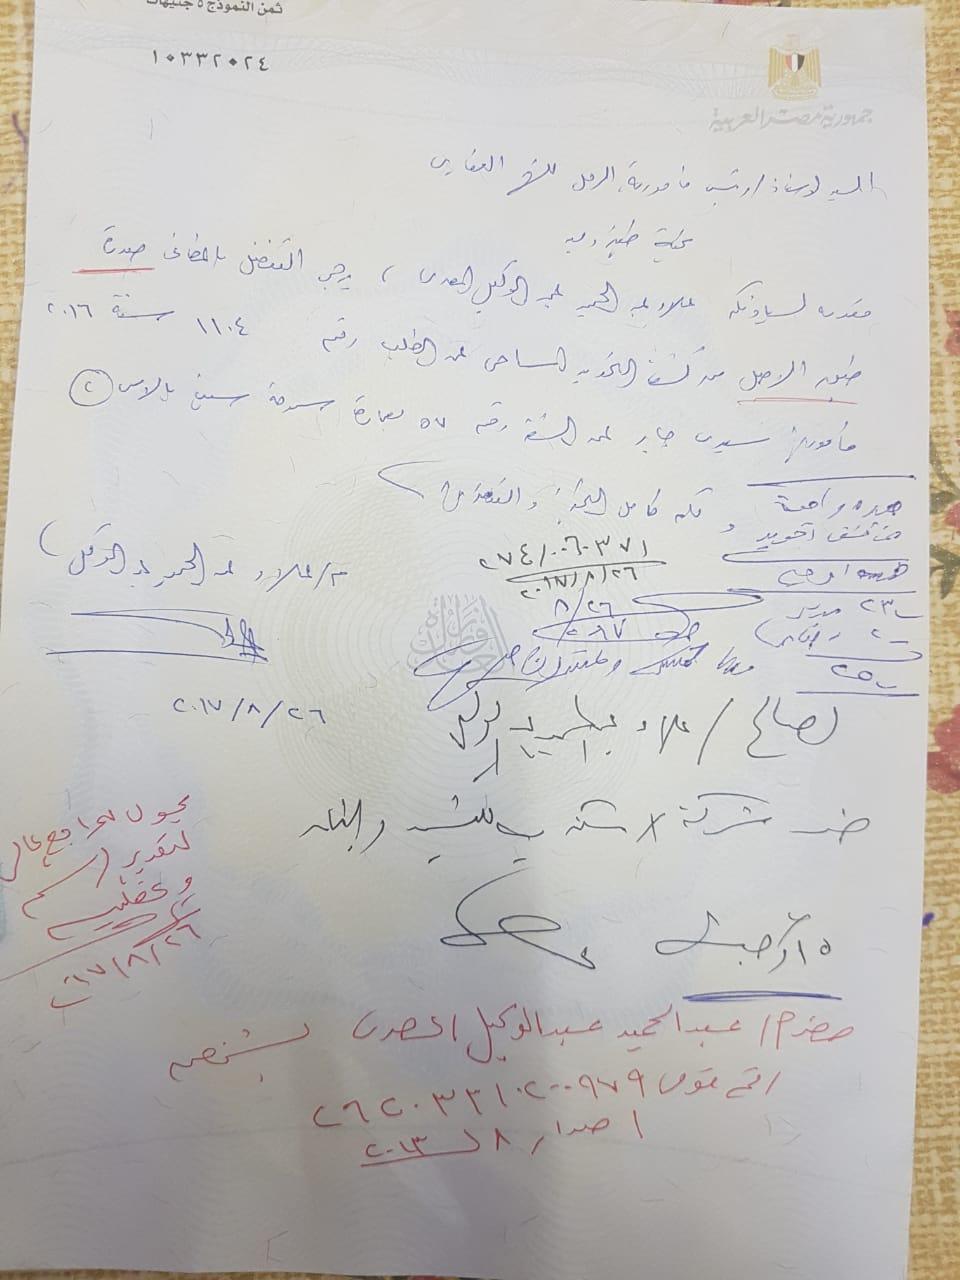 أزمة مشروع سيتي بالاس بالإسكندرية (34)